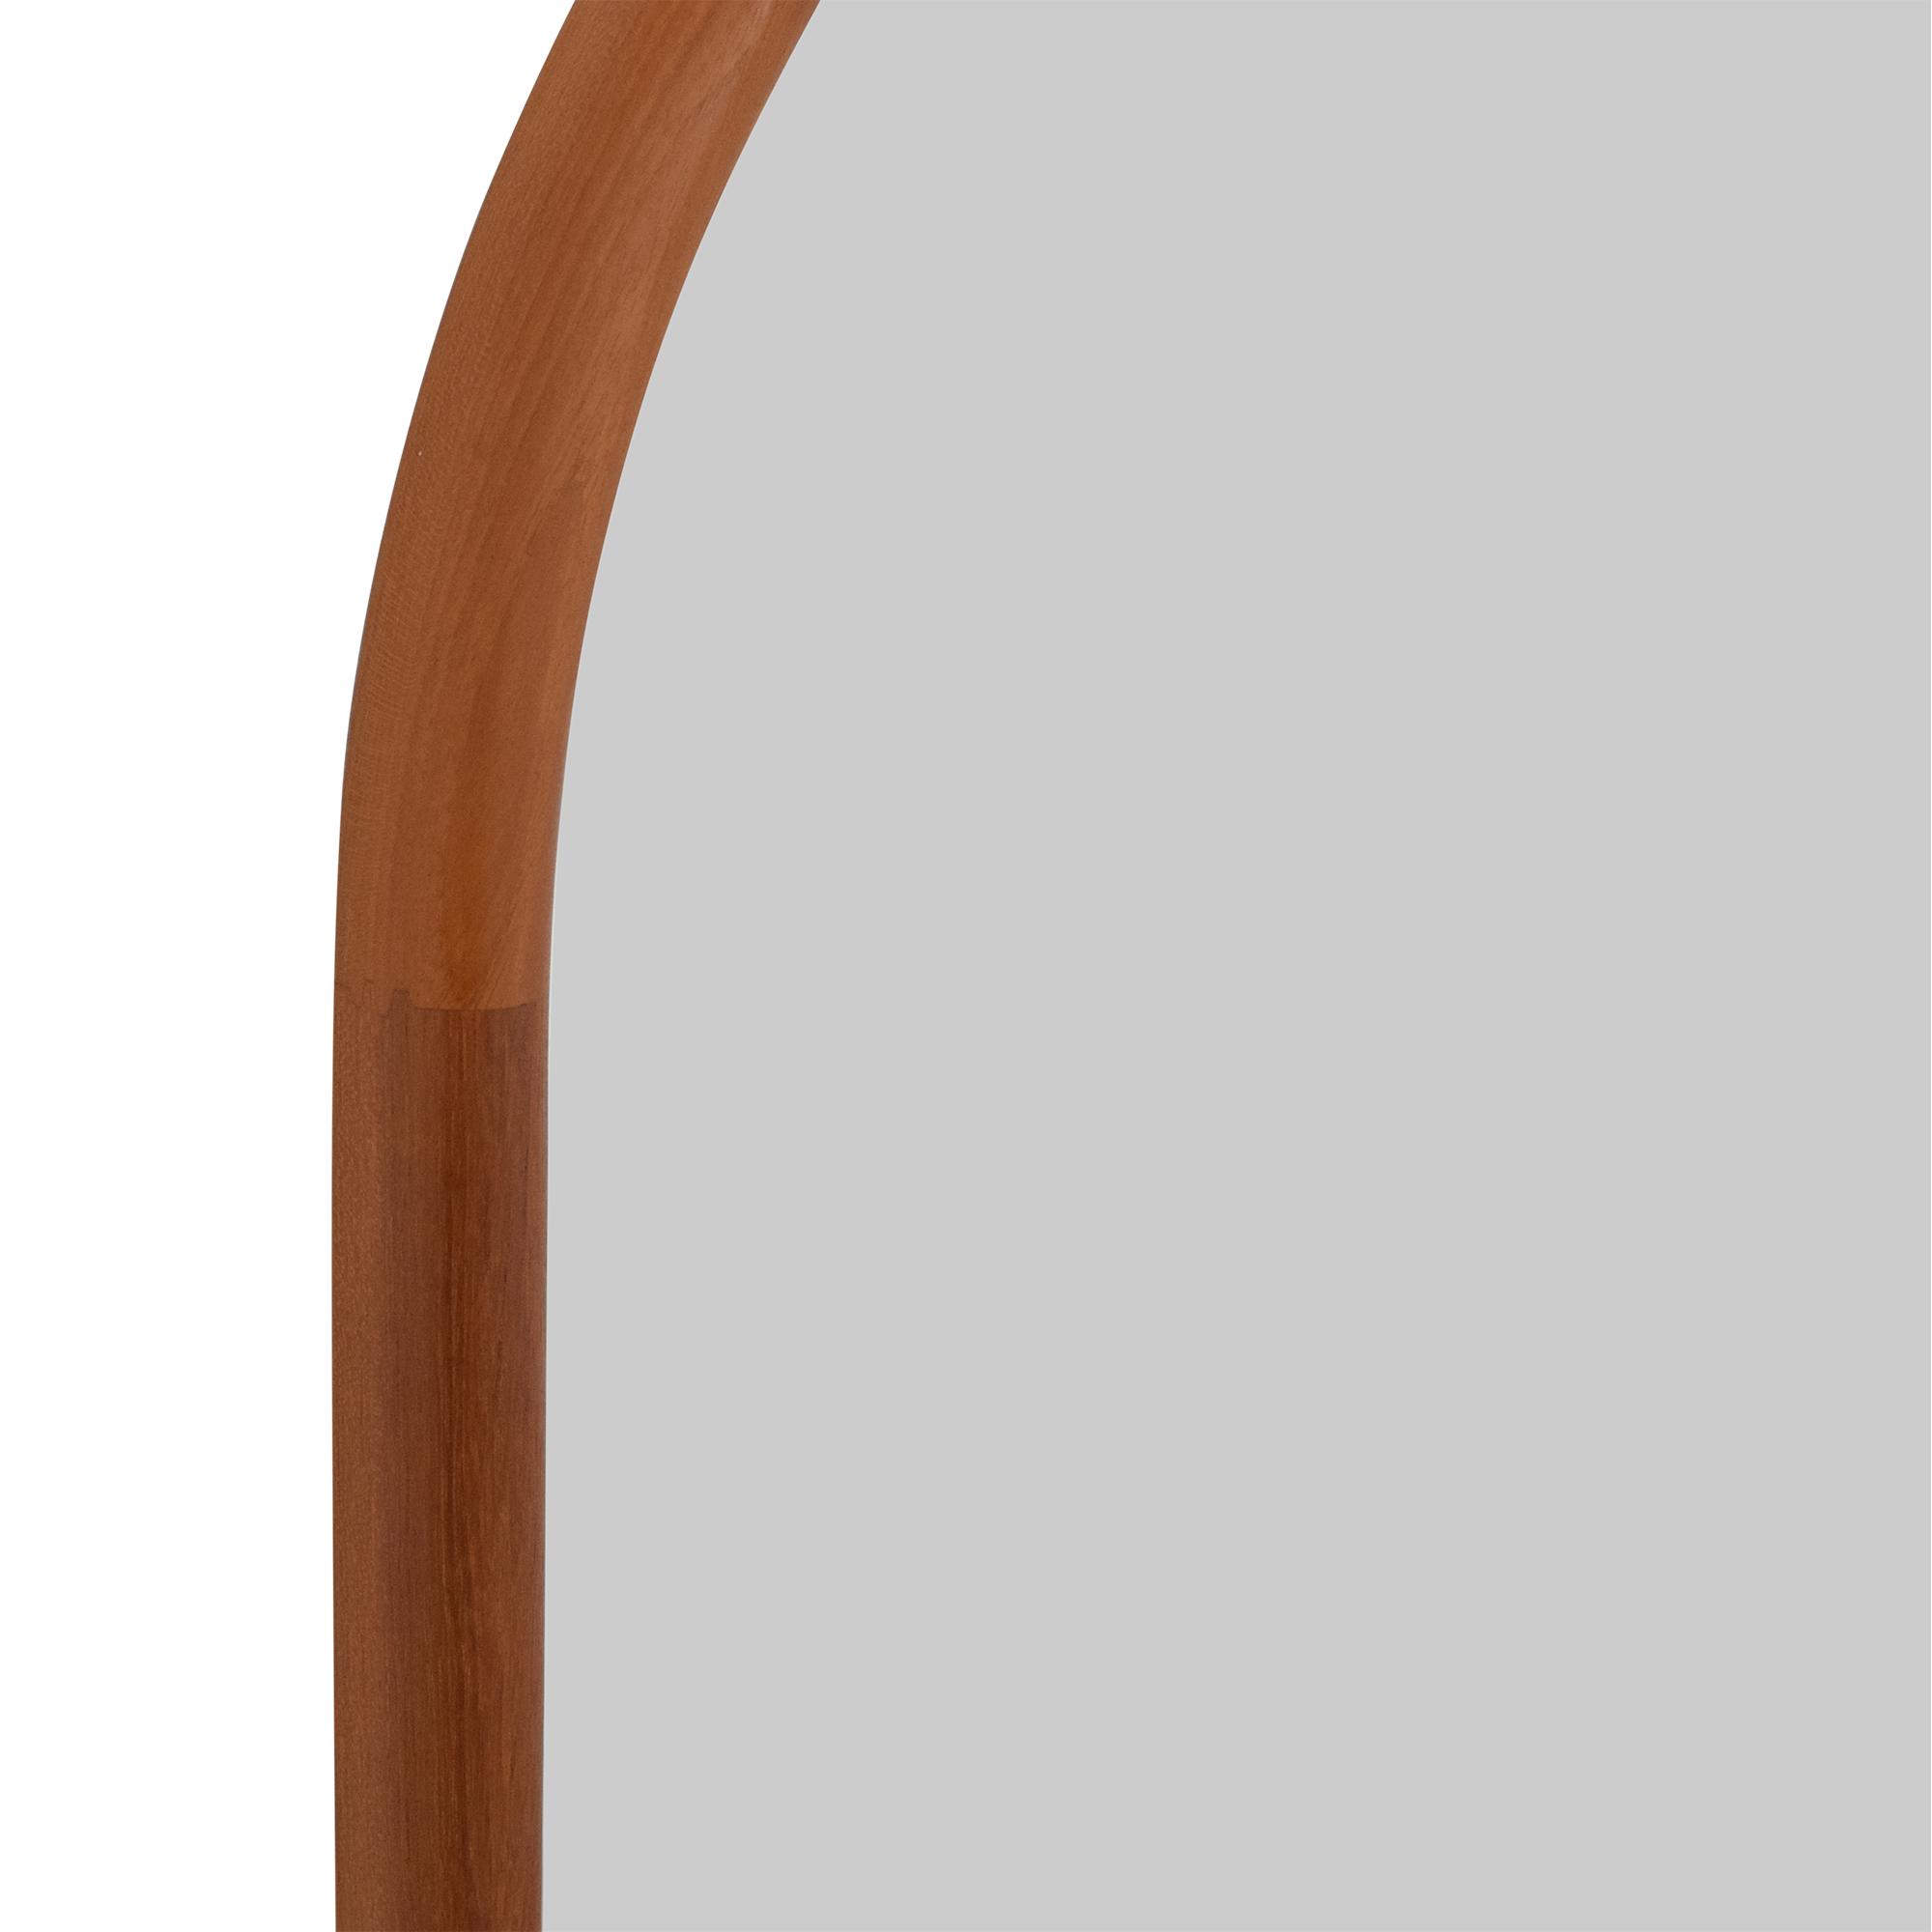 Vildbjerg Mobelfrabrik Arched Mirror / Mirrors